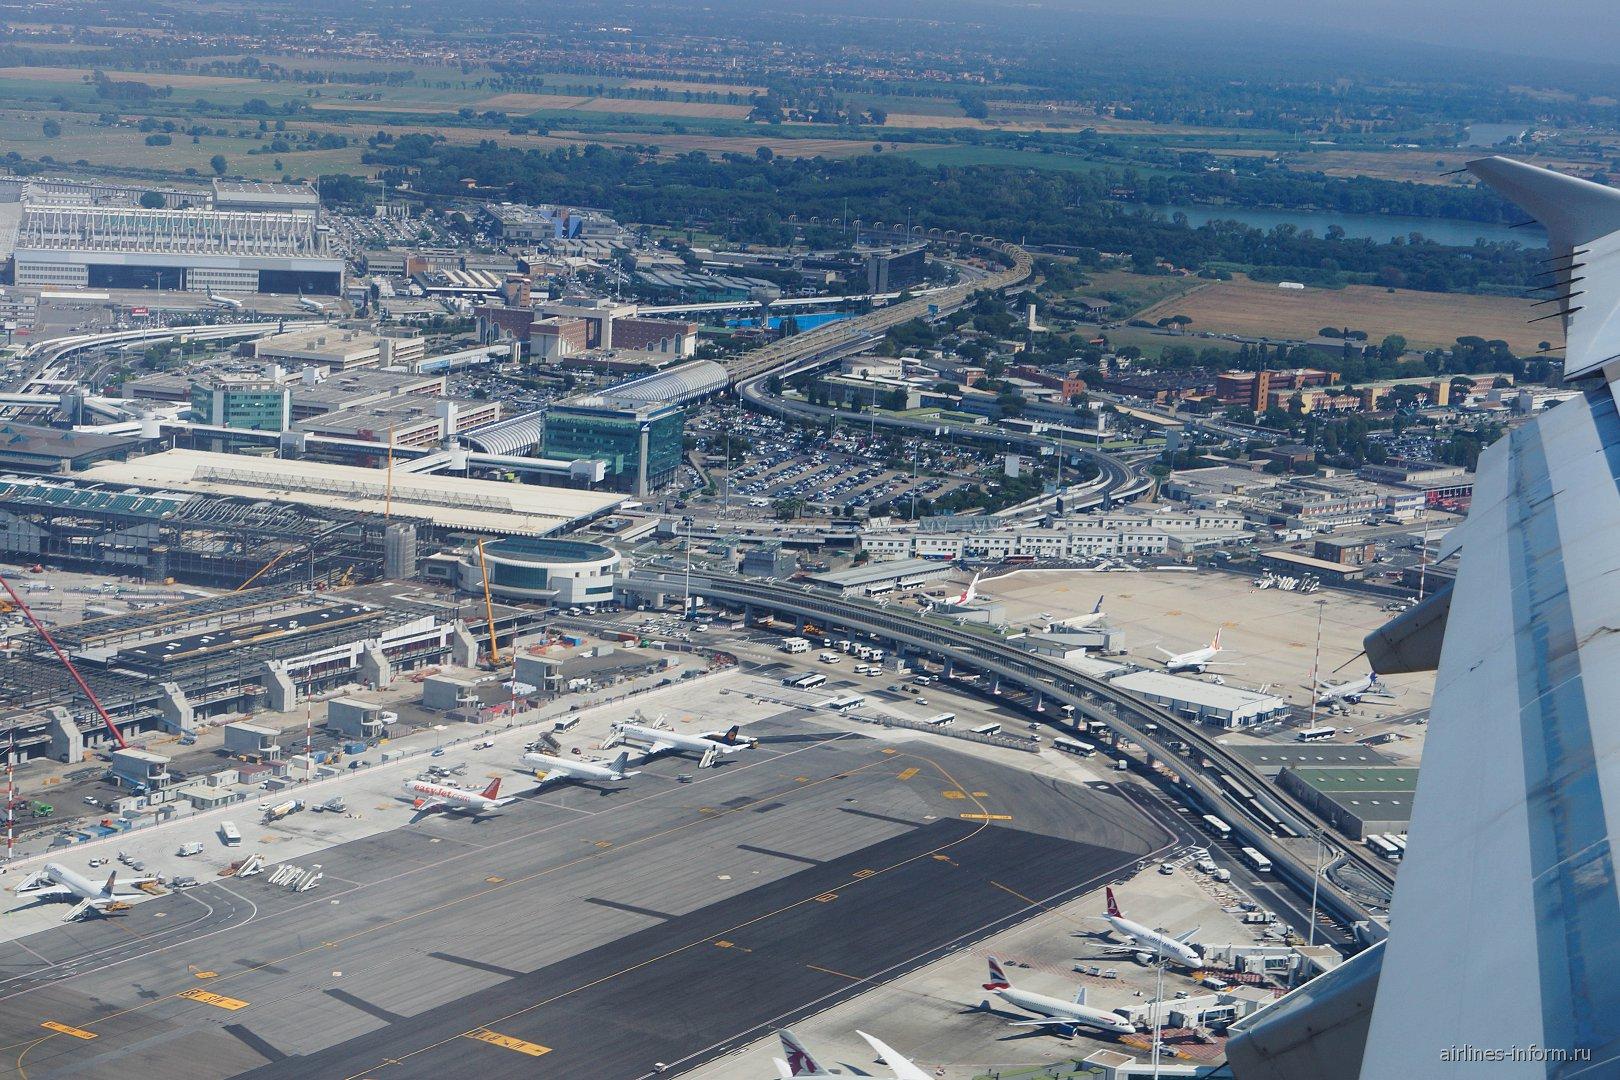 Взлет из аэропорта Рим Фьюмичино